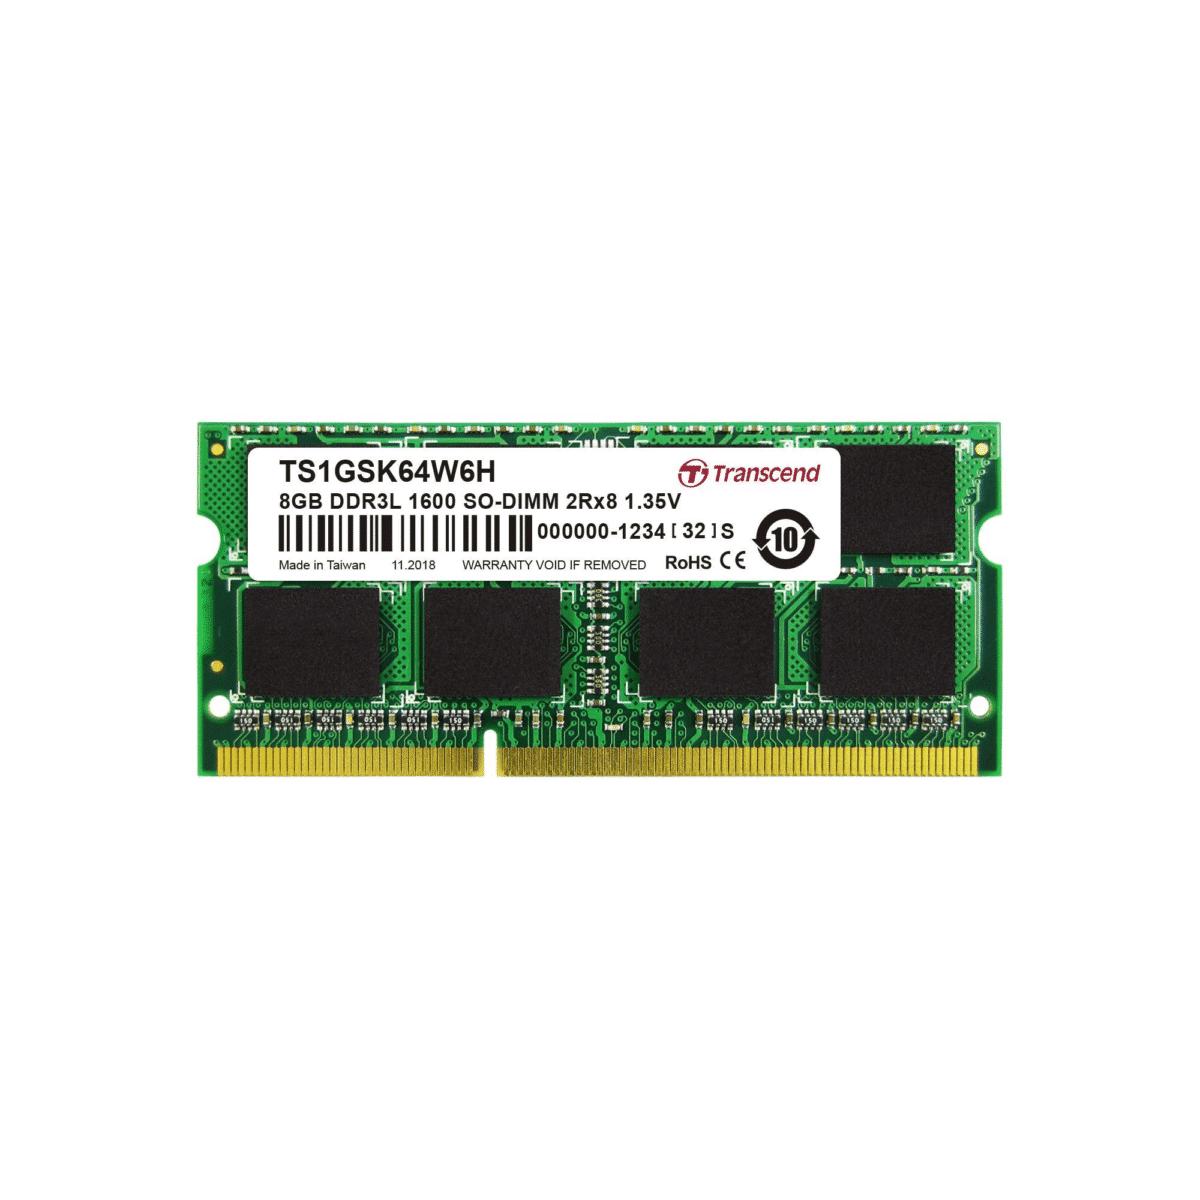 Transcend DDR3-1600 SO-DIMM 8GB TS1GSK64W6H